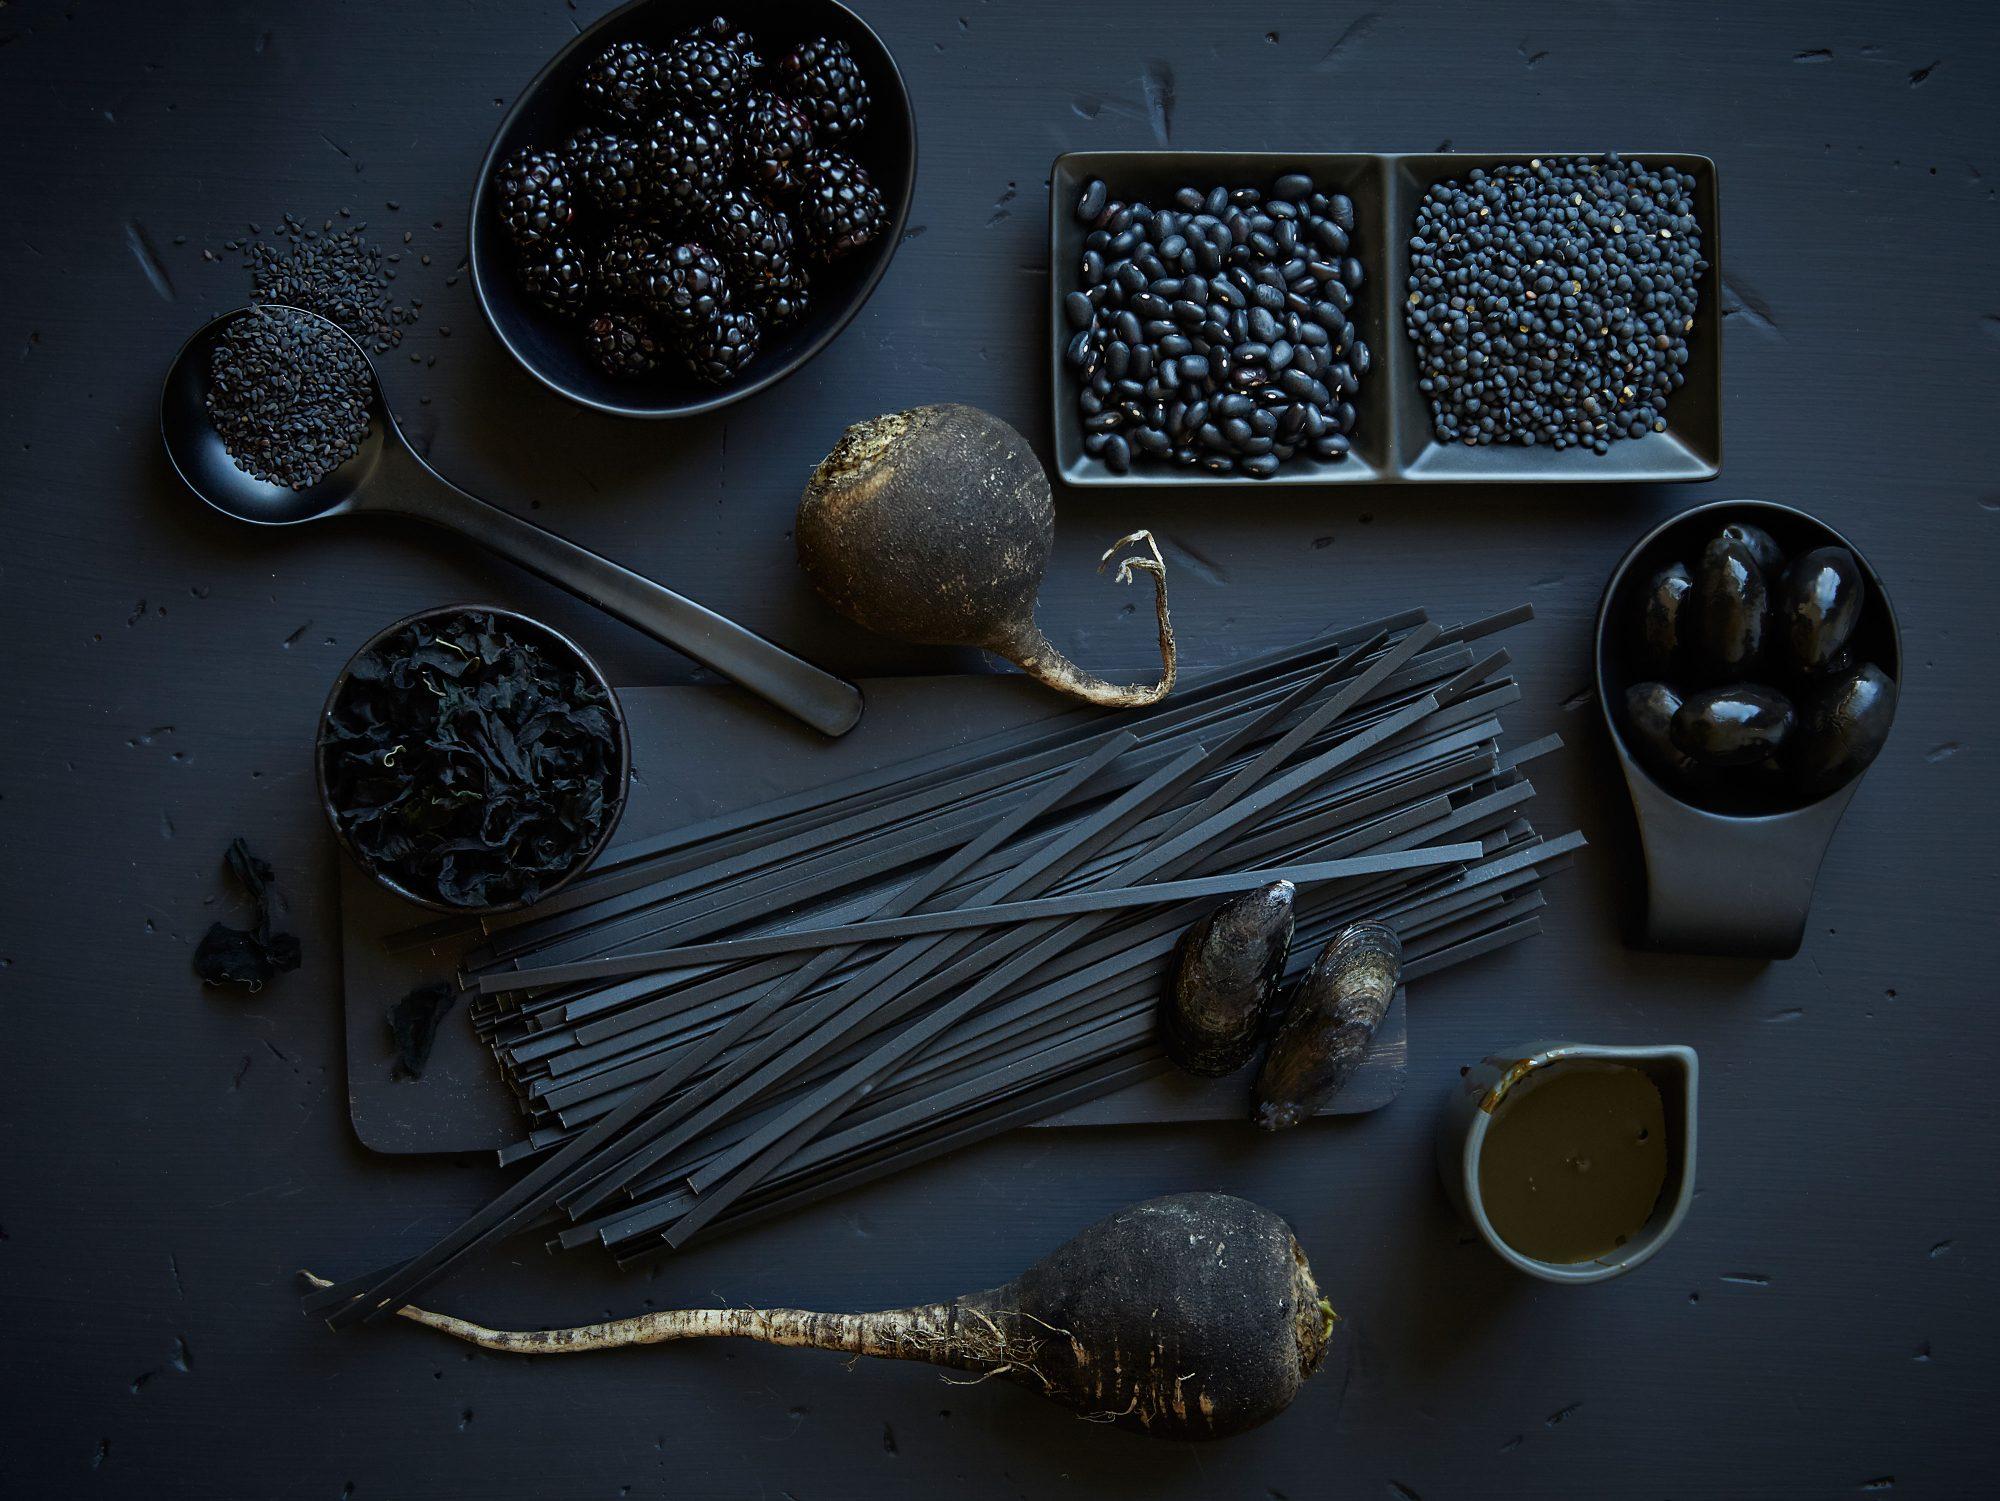 black-foods-image.jpg